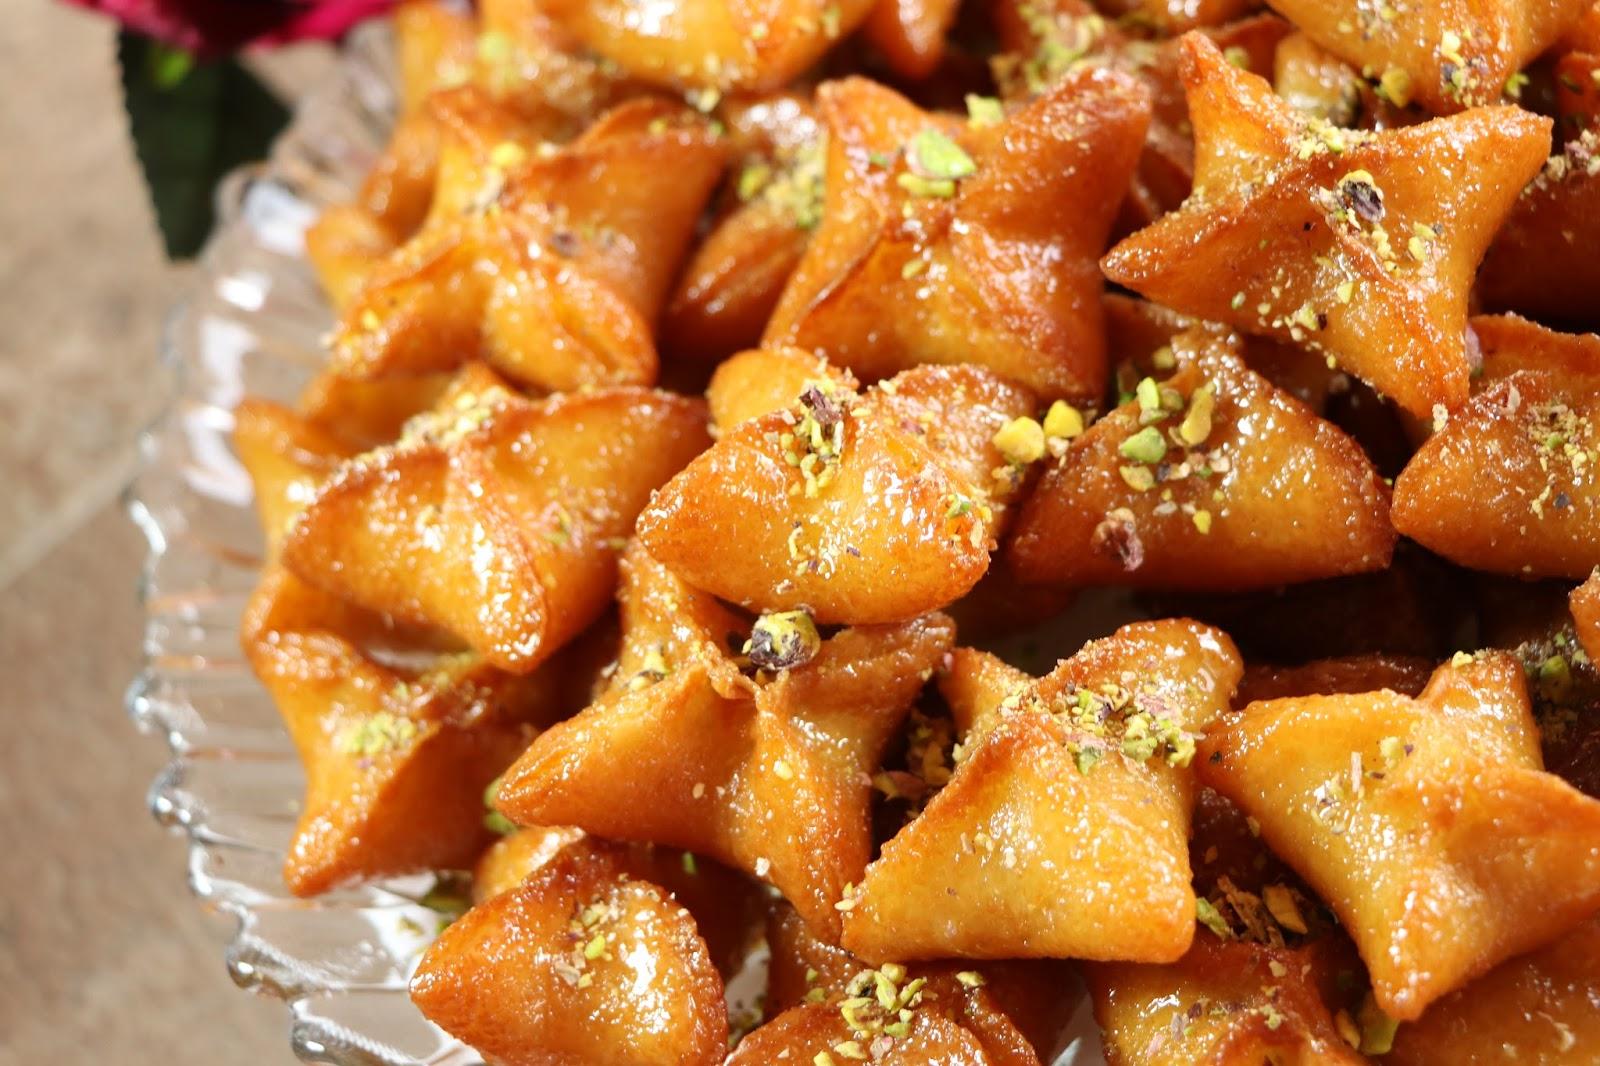 حلى النجمة بالسميد حلويات سهلة وسريعة بدون فرن مع رباح محمد